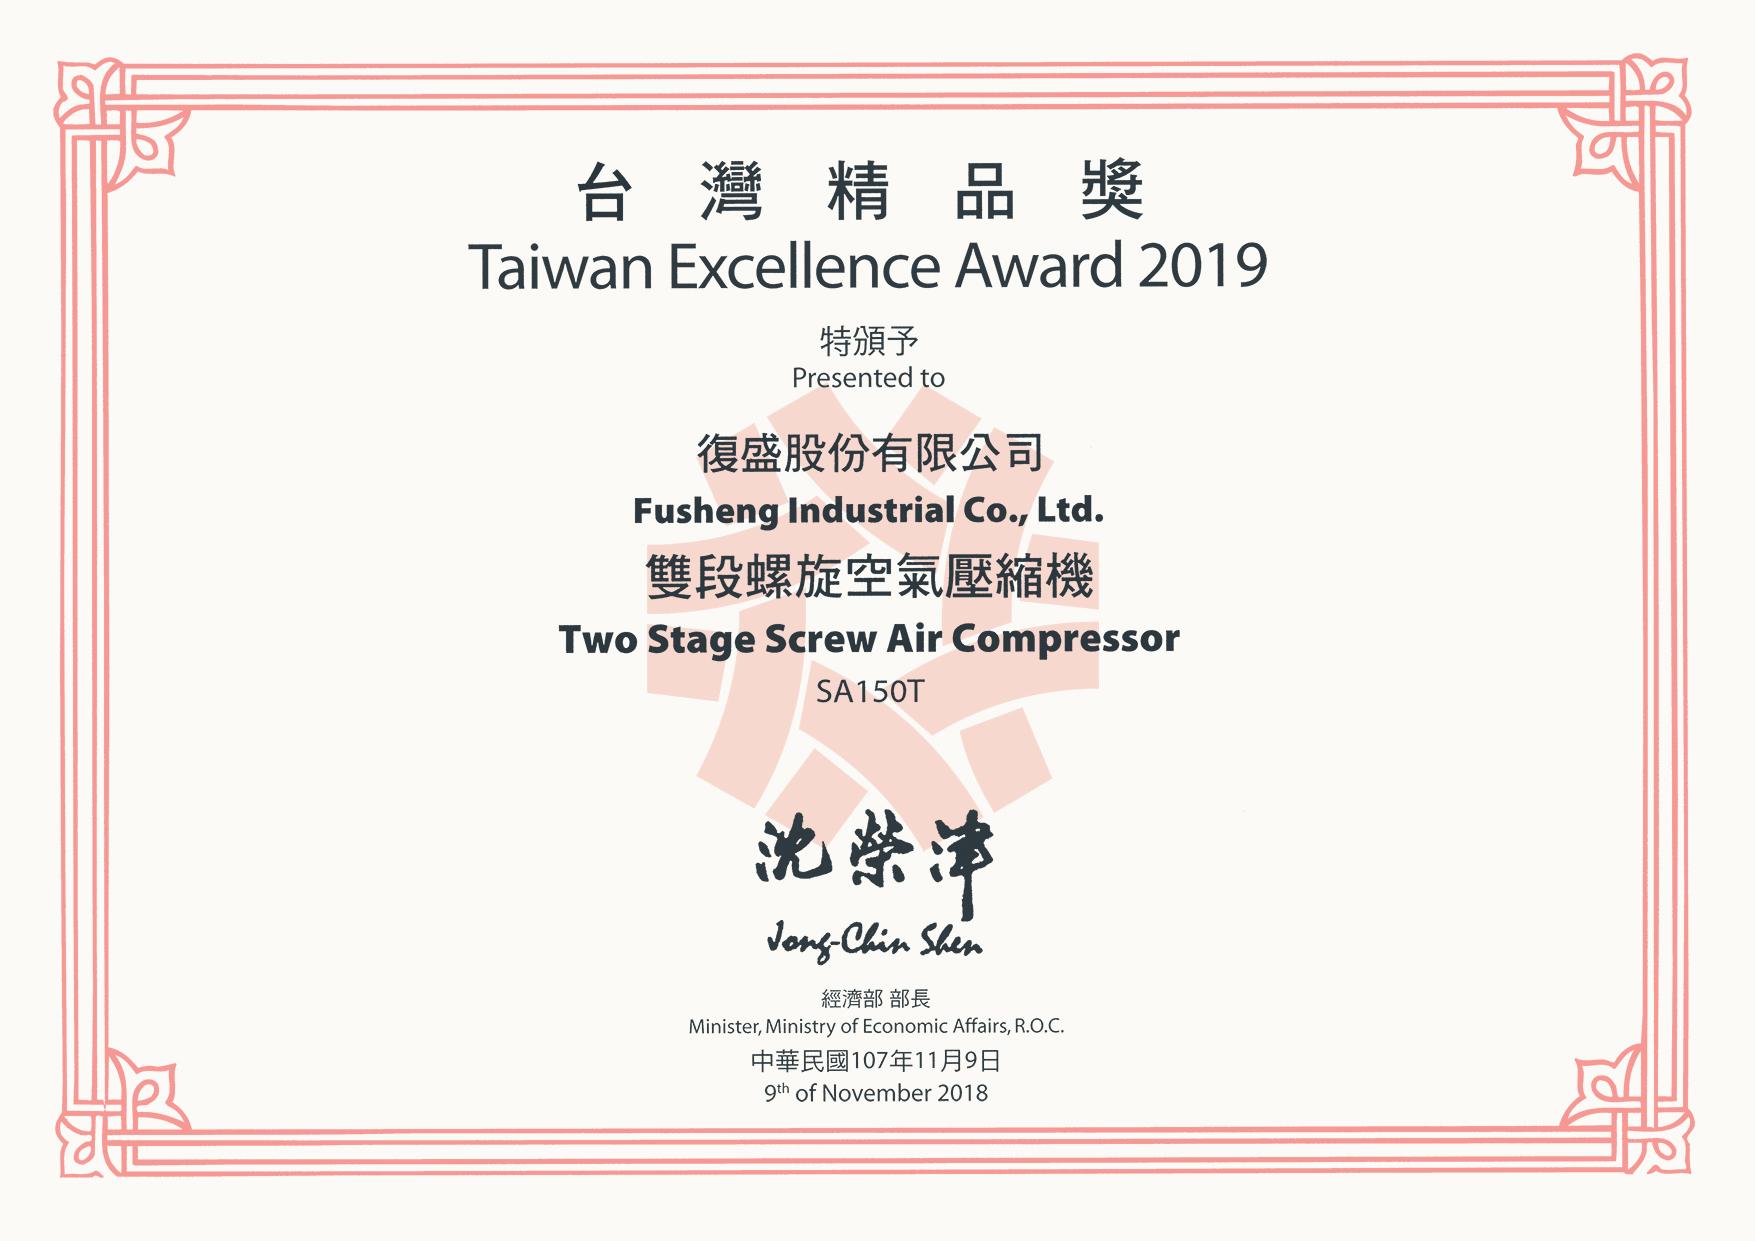 ind_images/Achievements/20181213SAT雙段2019台灣精品獎獎狀.jpg